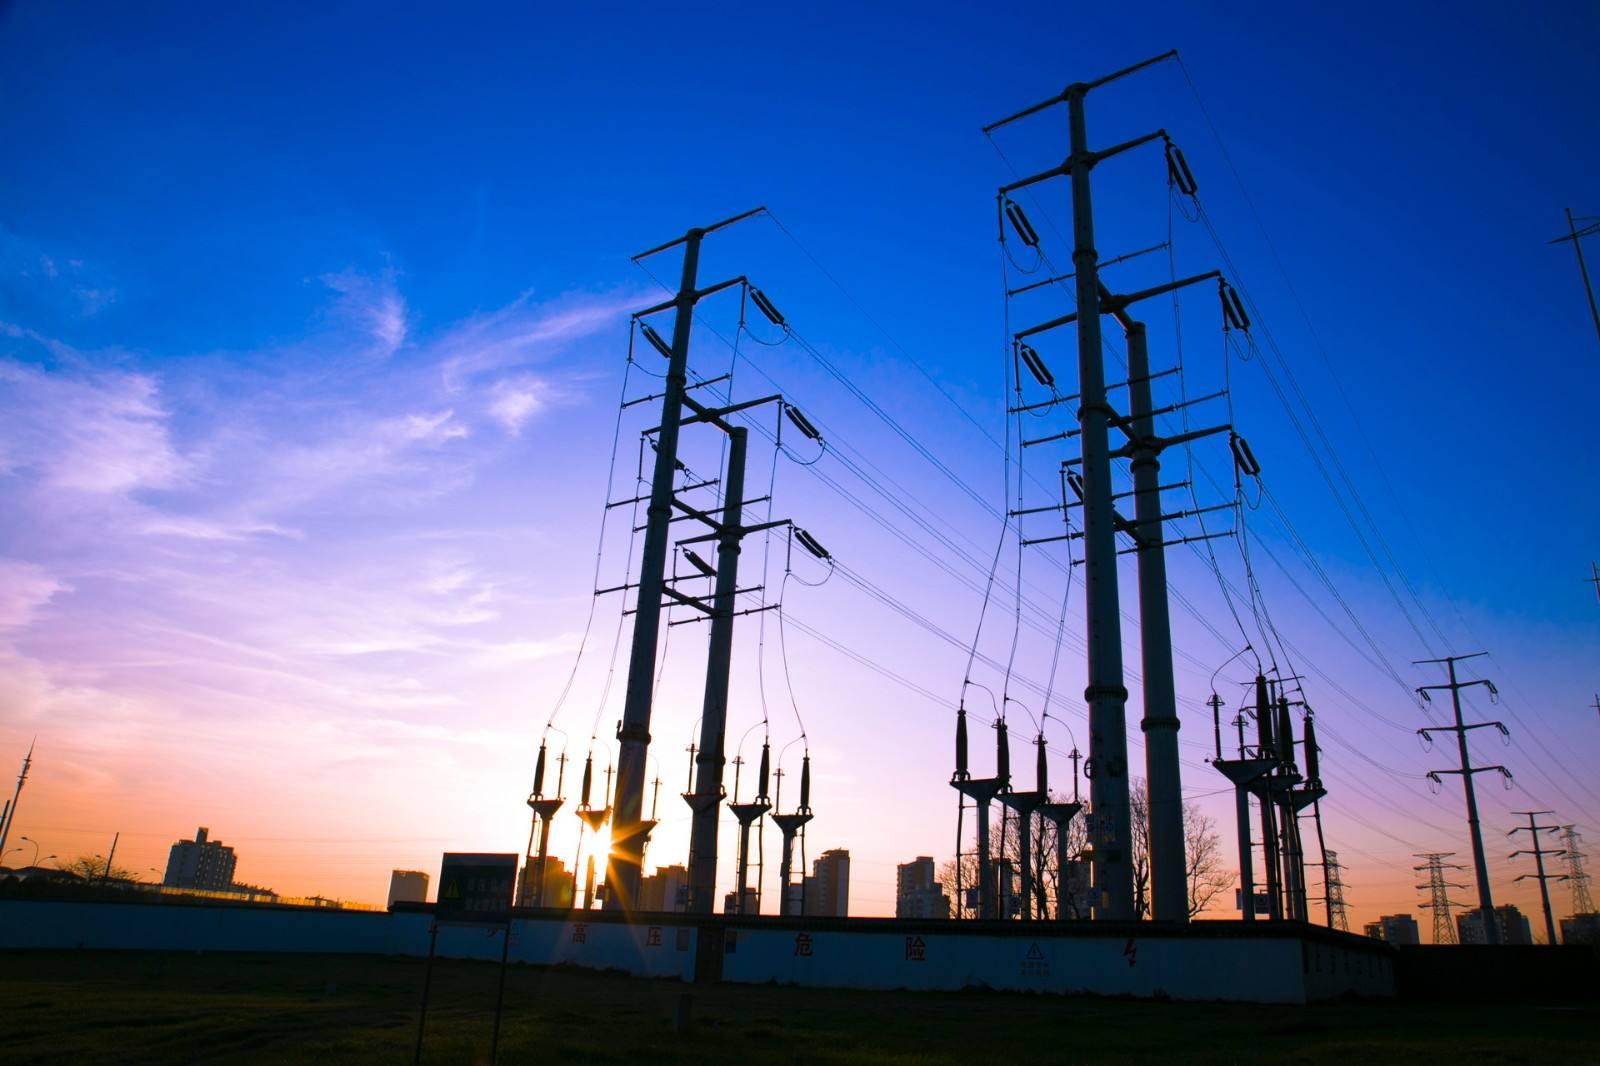 国网湖南电力1008亿元电网建设投资全部落地